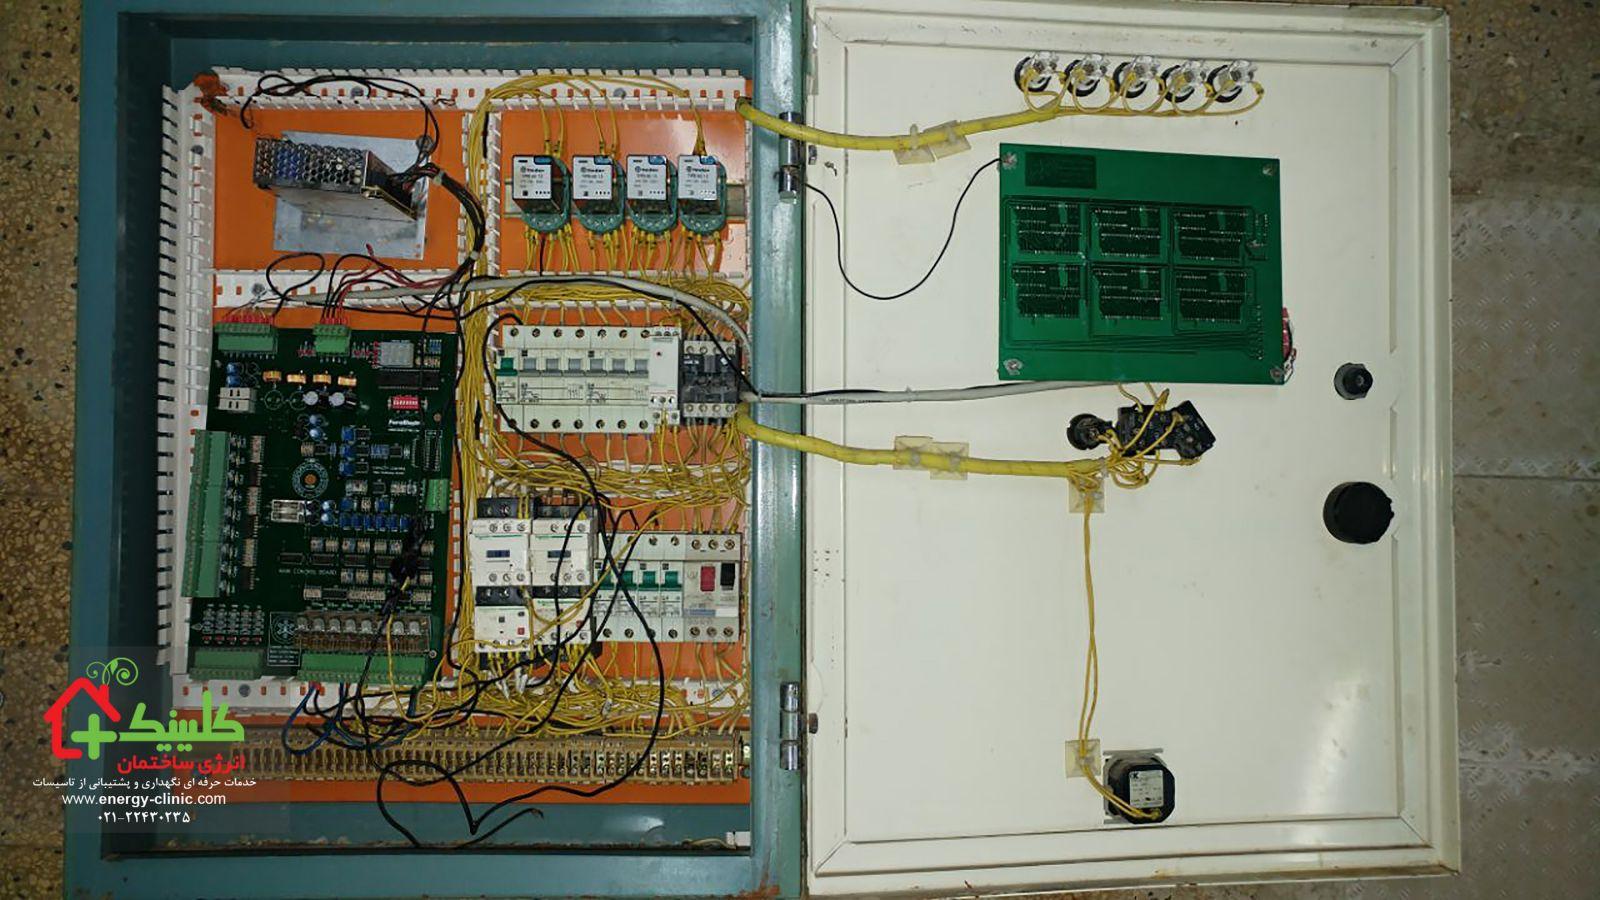 نمونه تابلو قدیمی با مصرف انرژی بالا